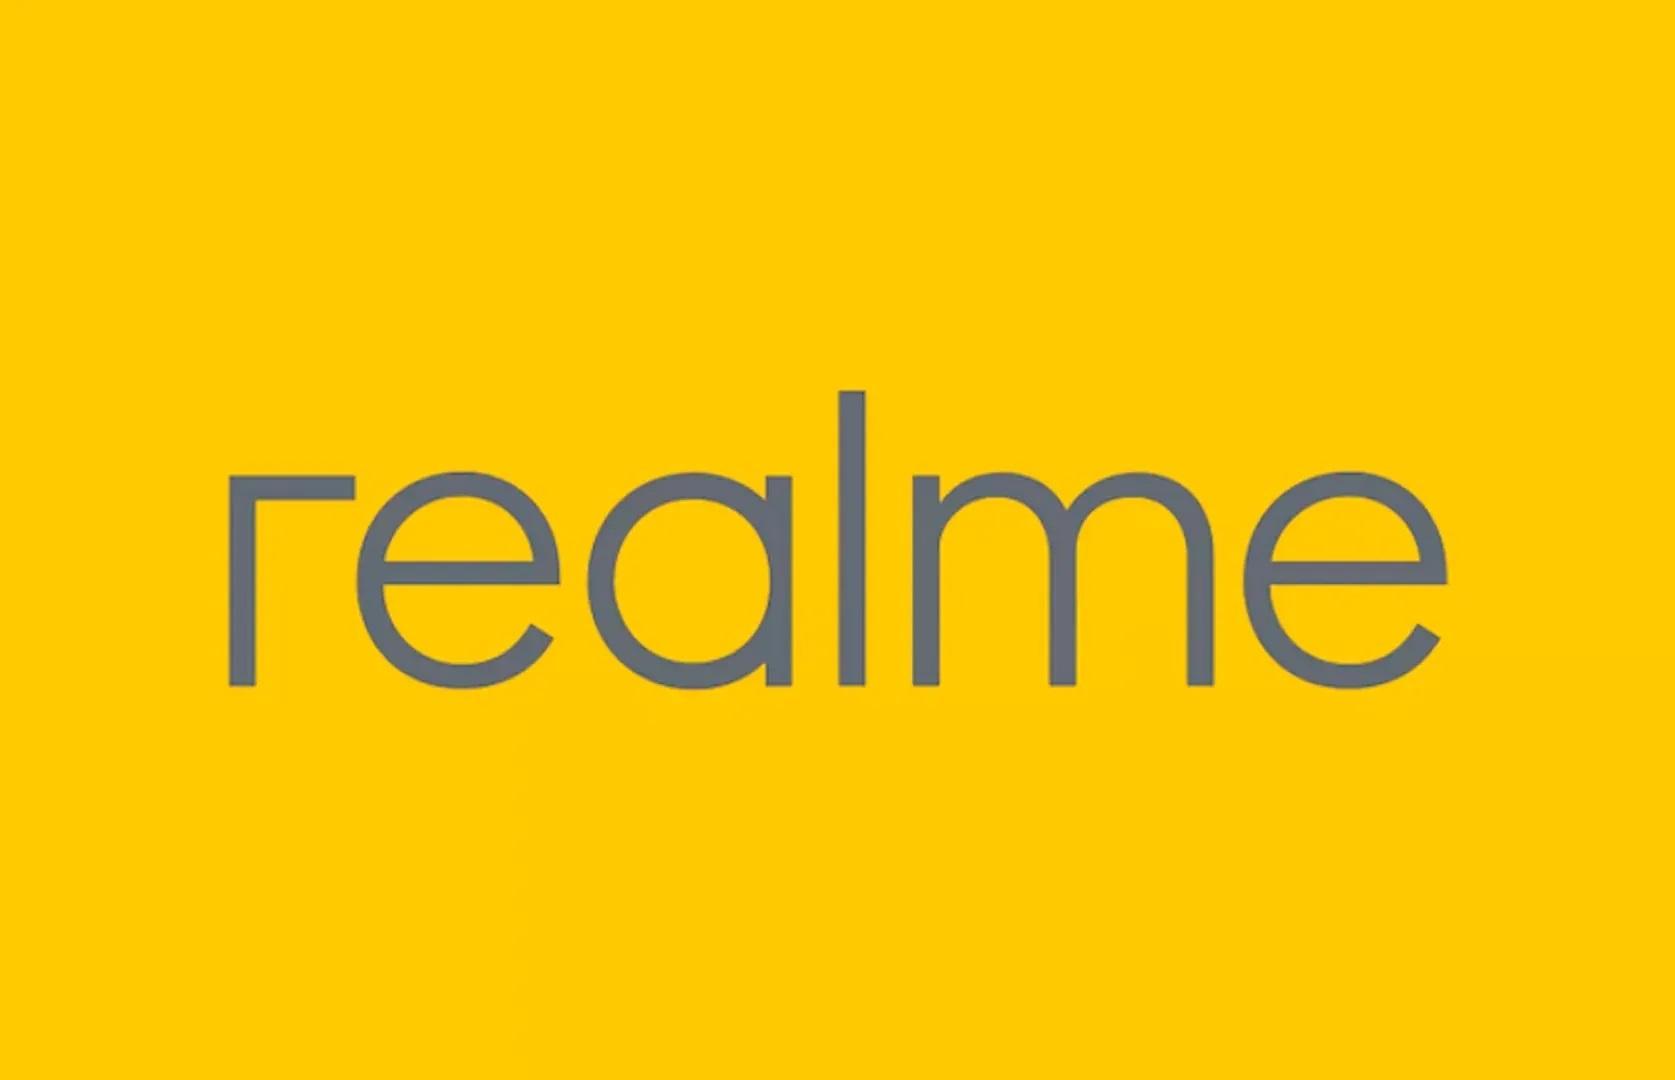 Realme запланировала презентацию на 30 апреля: ждем часы Realme Watch 2, TWS-наушники Buds Q2 и колонку Cobble